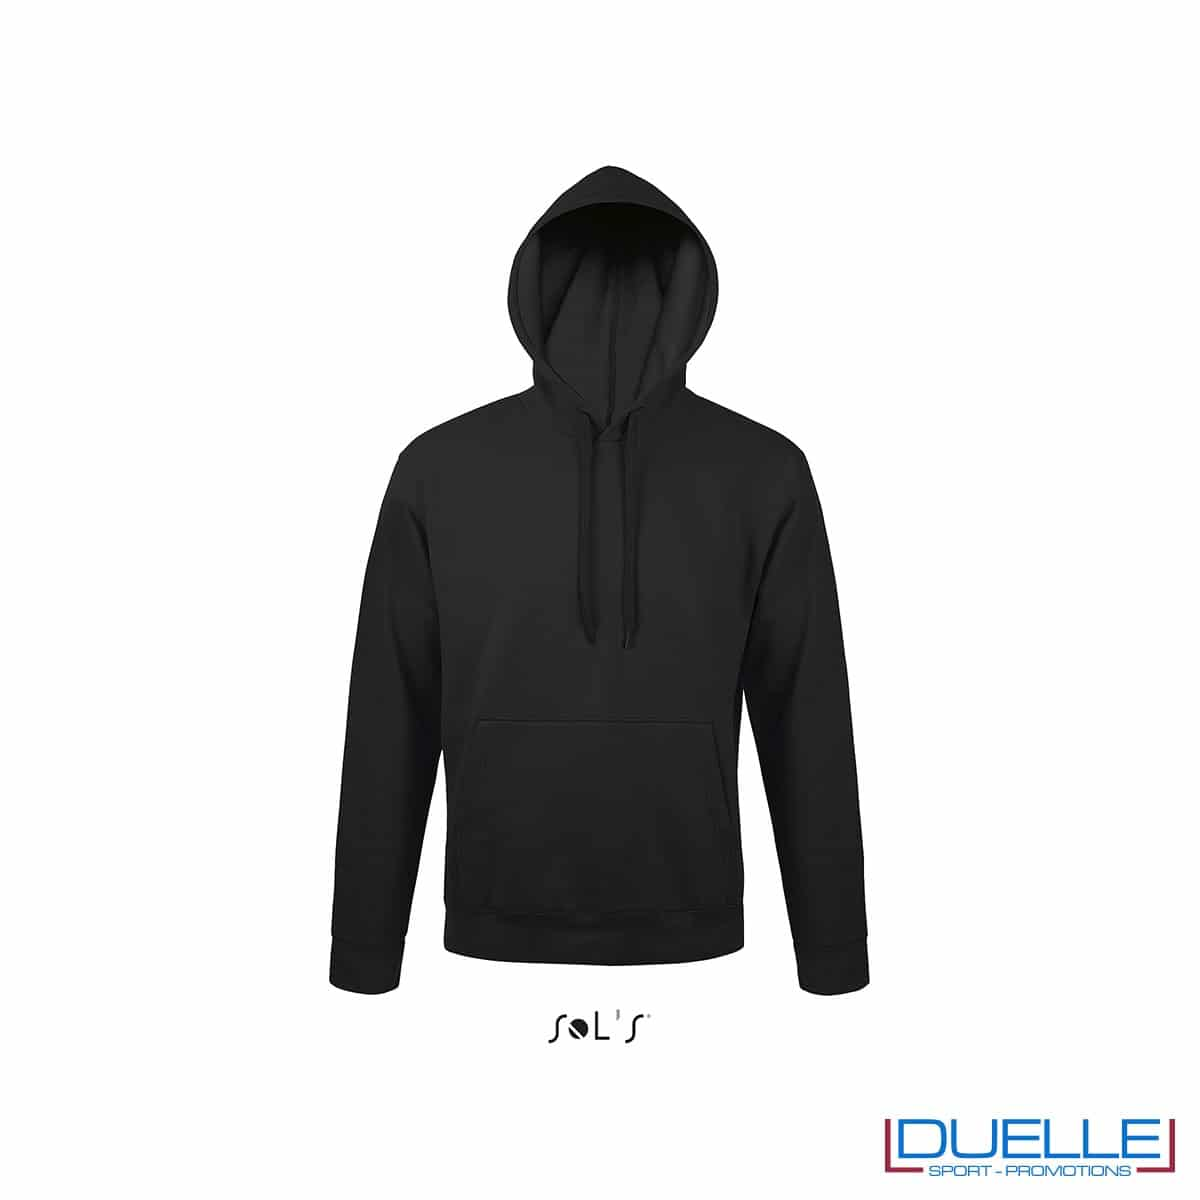 felpa personalizzata con cappuccio senza zip in colore nero